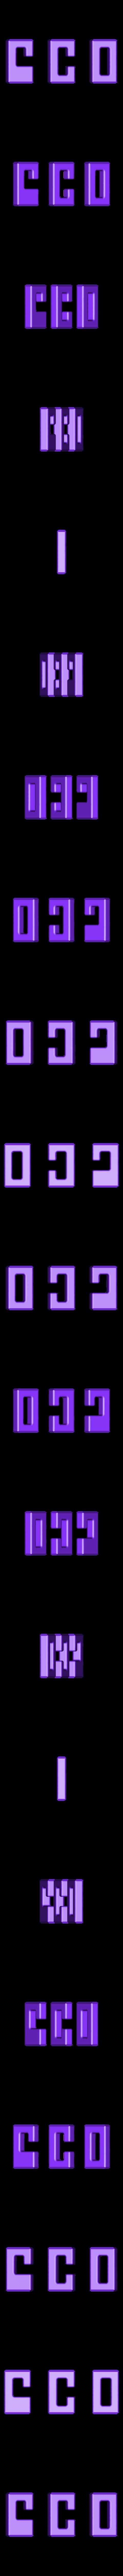 9aef539f be68 4794 9c8d d070384cd4c3